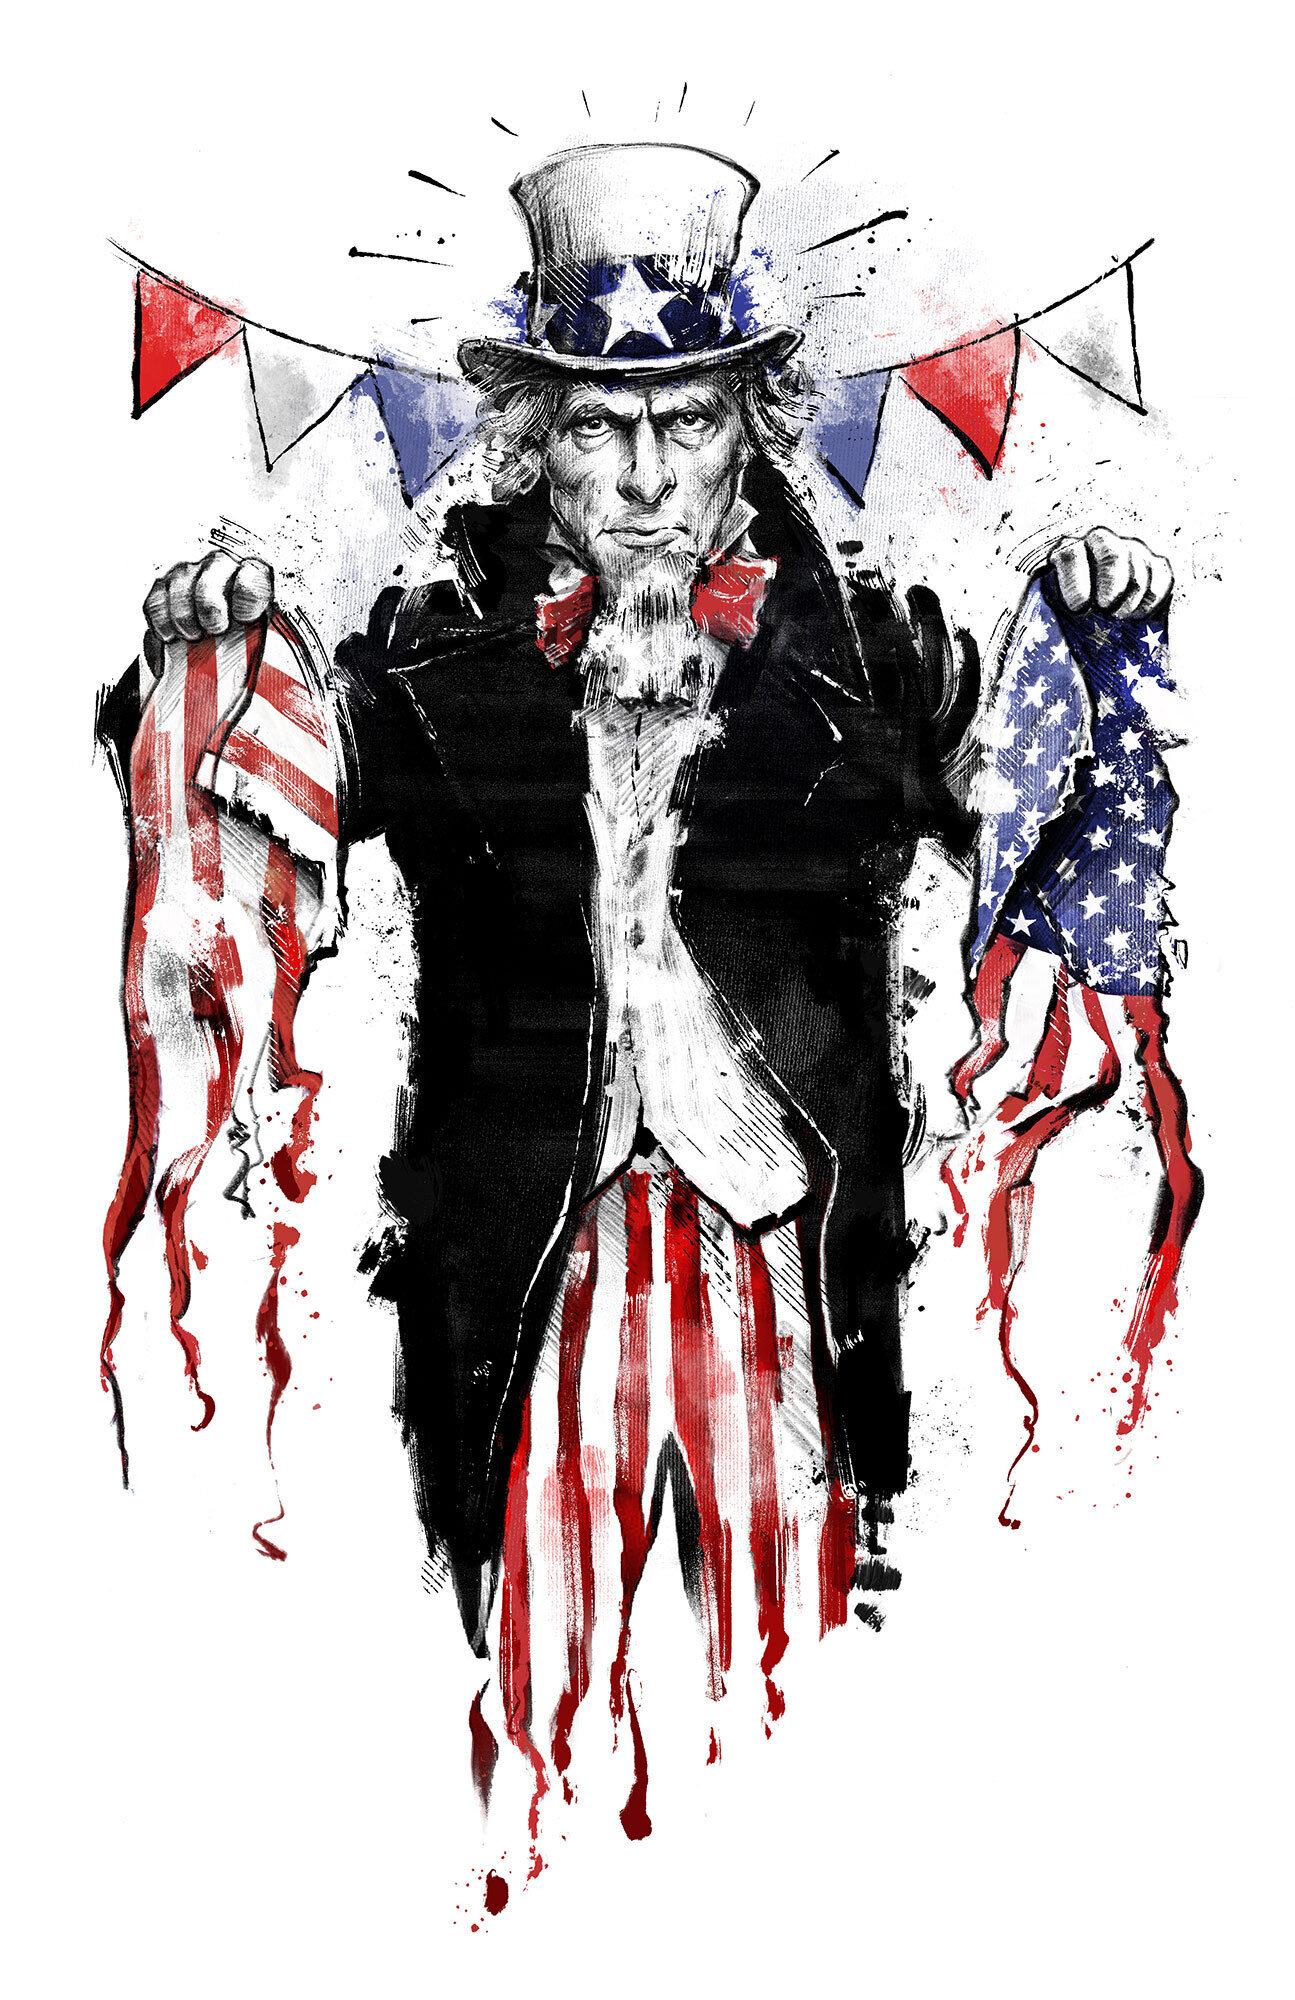 4th of july uncle sam usa independenceday editorial conceptual illustration - Kornel Illustration | Kornel Stadler portfolio